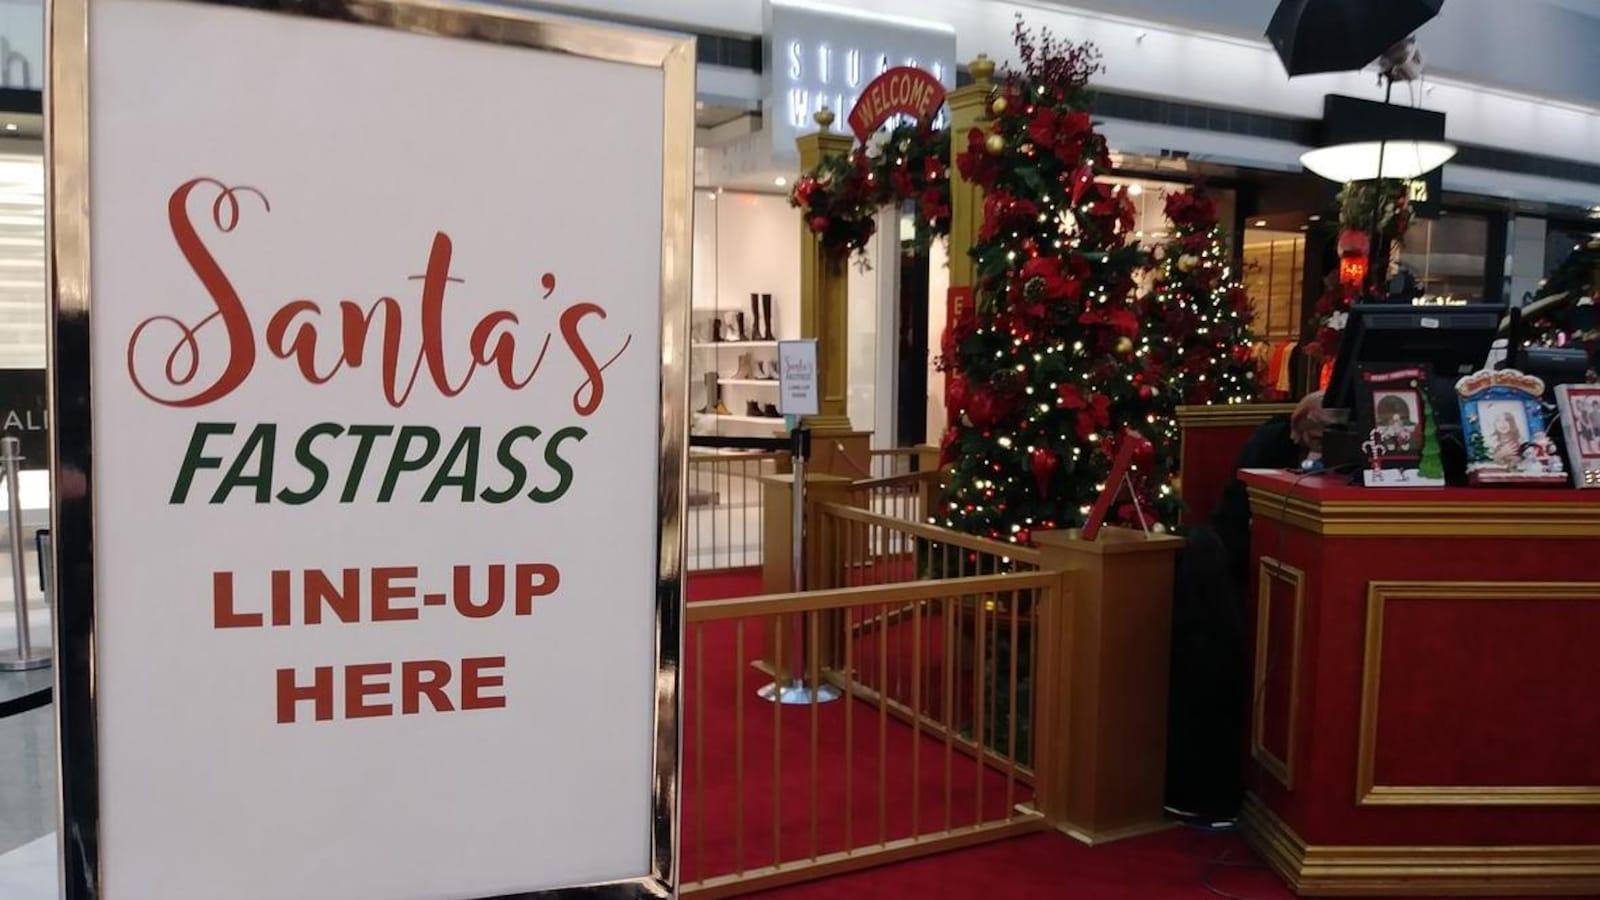 L'entrée du village du père Noël d'un centre commercial arbore une affiche indiquant, en anglais, l'entrée de la file d'attente rapide Santa's FastPass.